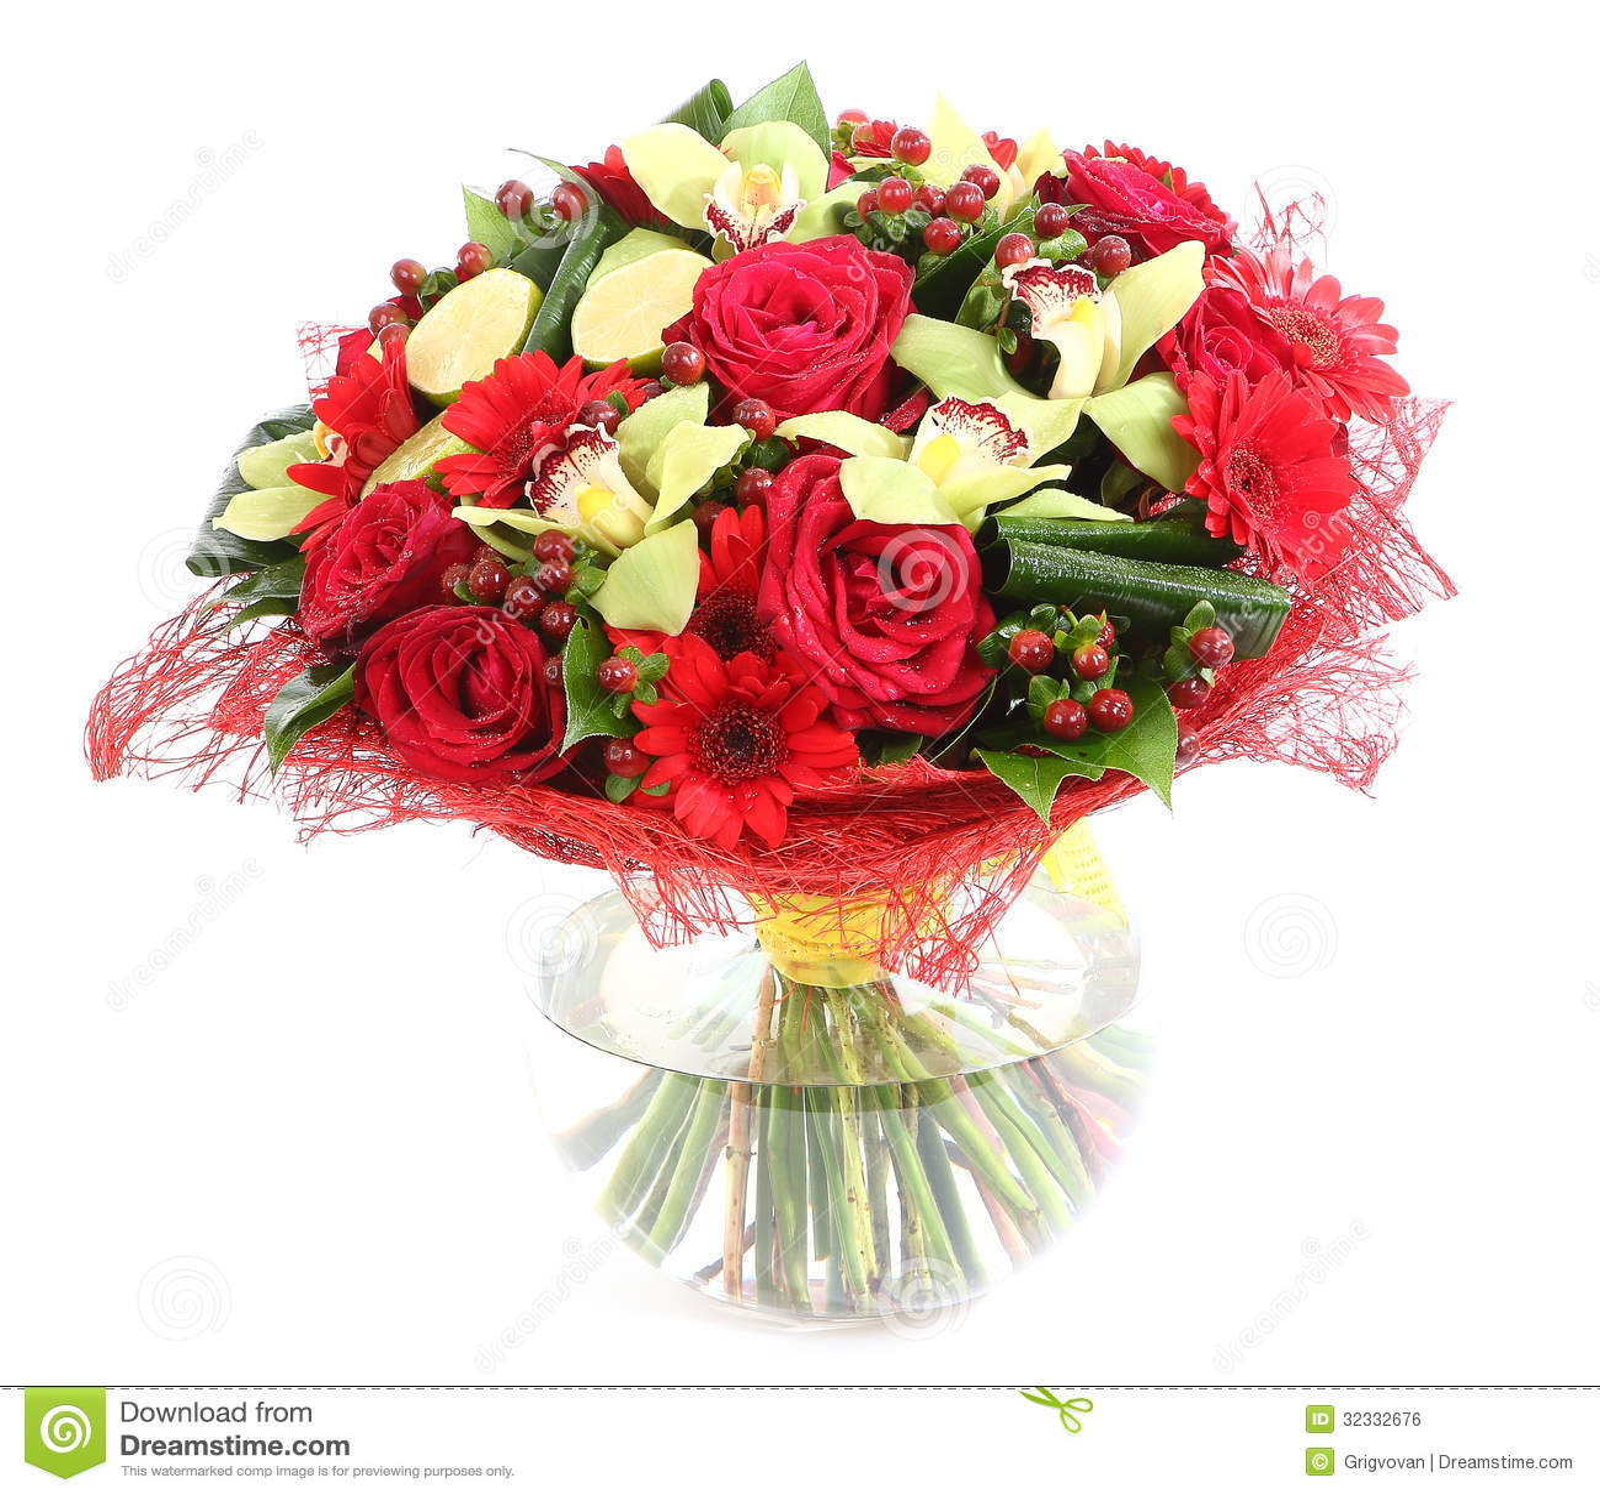 Composicion Floral En El Vidrio Florero Transparente Rosas Rojas